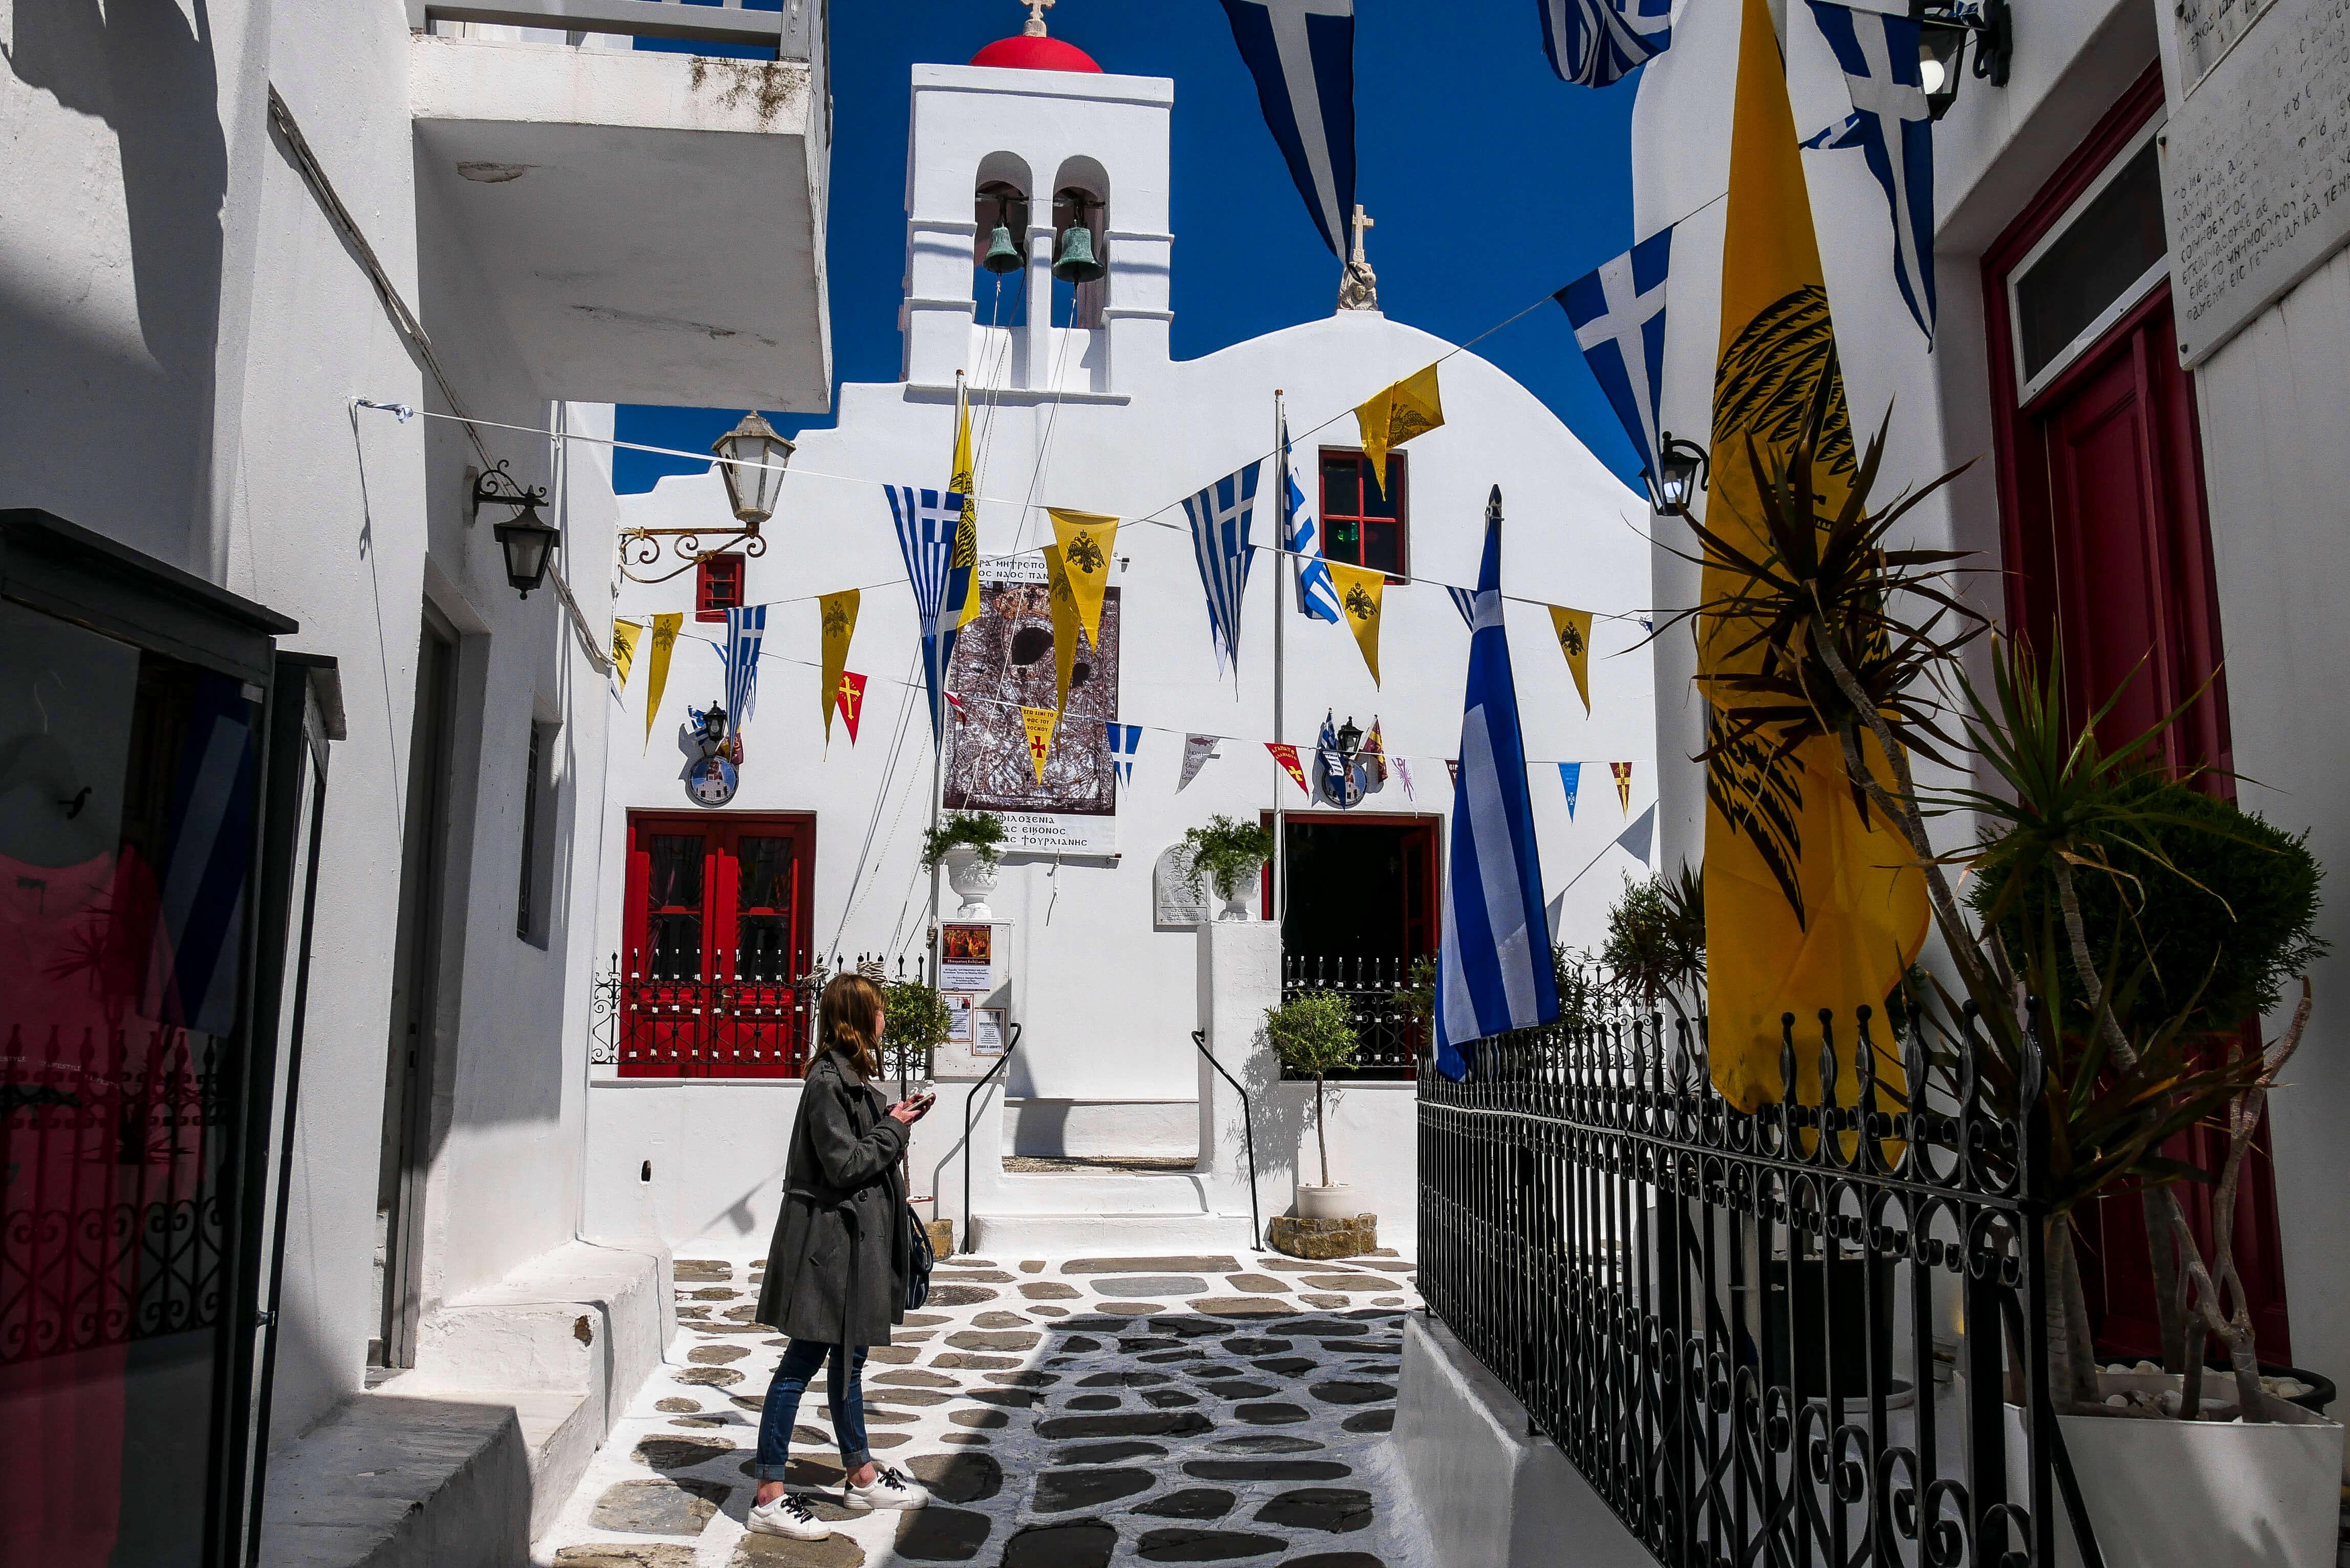 Les ruelles de Chora, Mykonos, Grèce